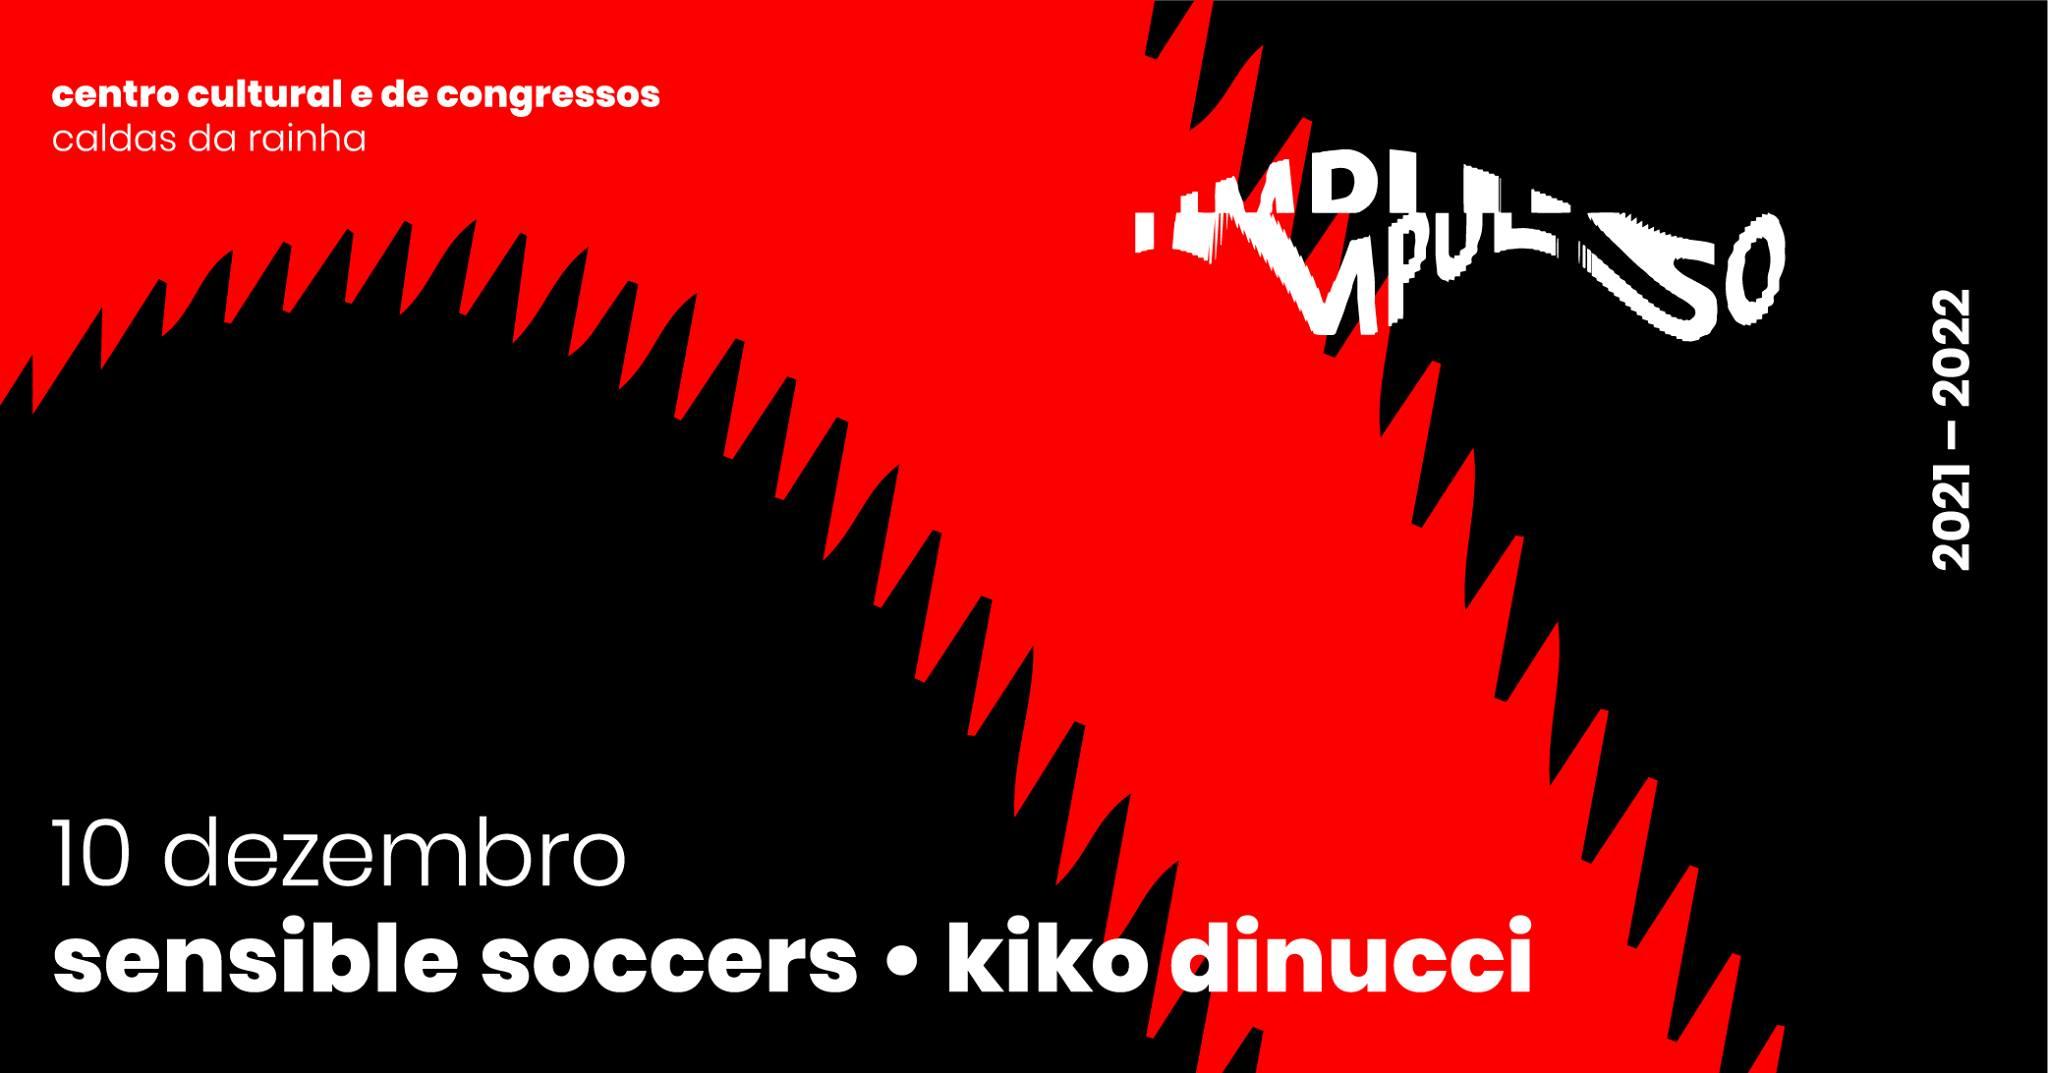 Festival Impulso apresenta Sensible Soccers + Kiko Dinucci